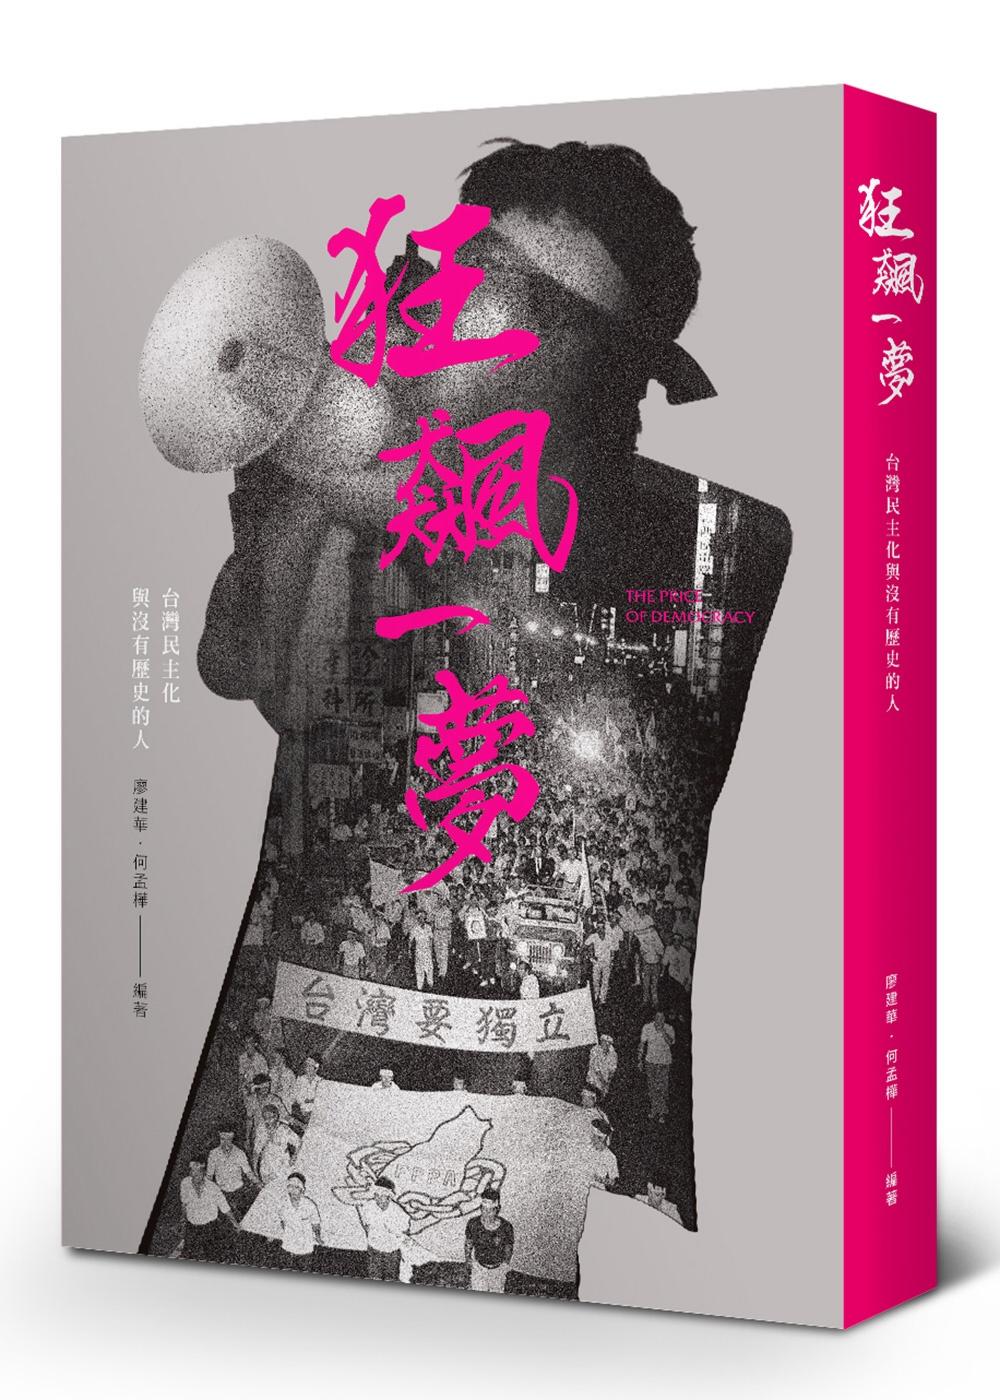 狂飆一夢:台灣民主化與沒有歷史的人